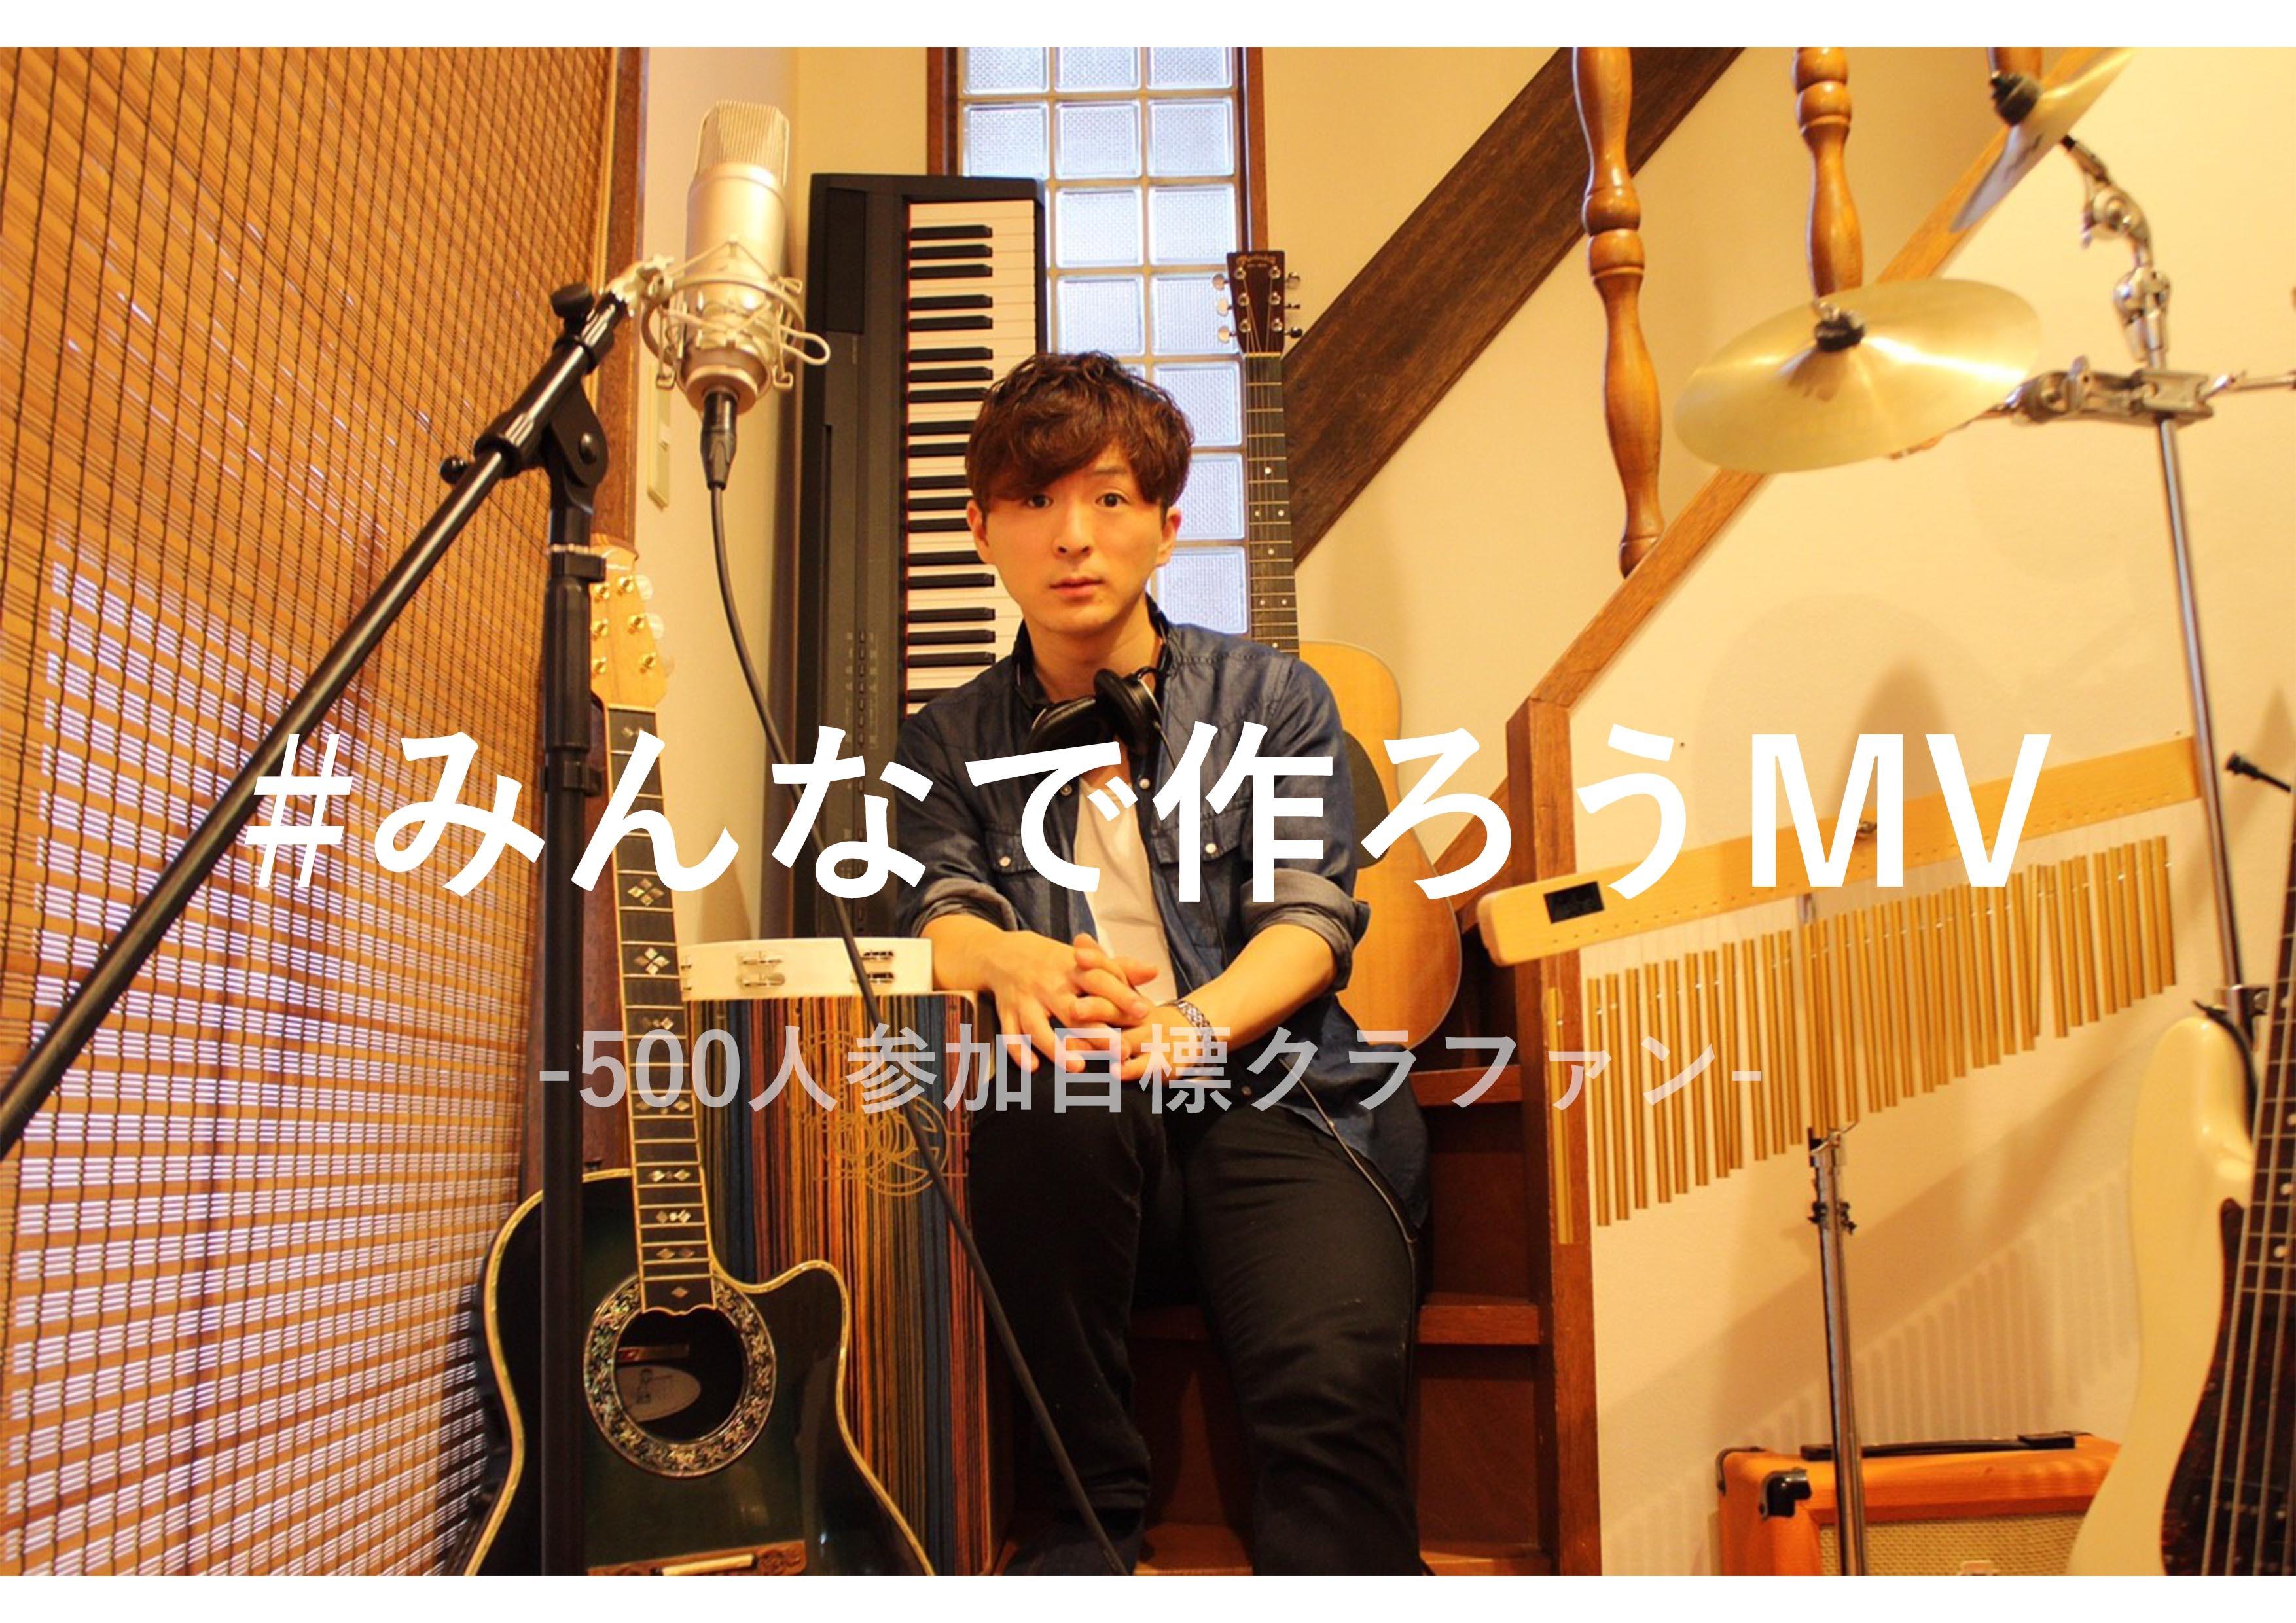 【伊波 新】コロナからの再出発!!#みんなで作ろうMV キャンペーン!!!